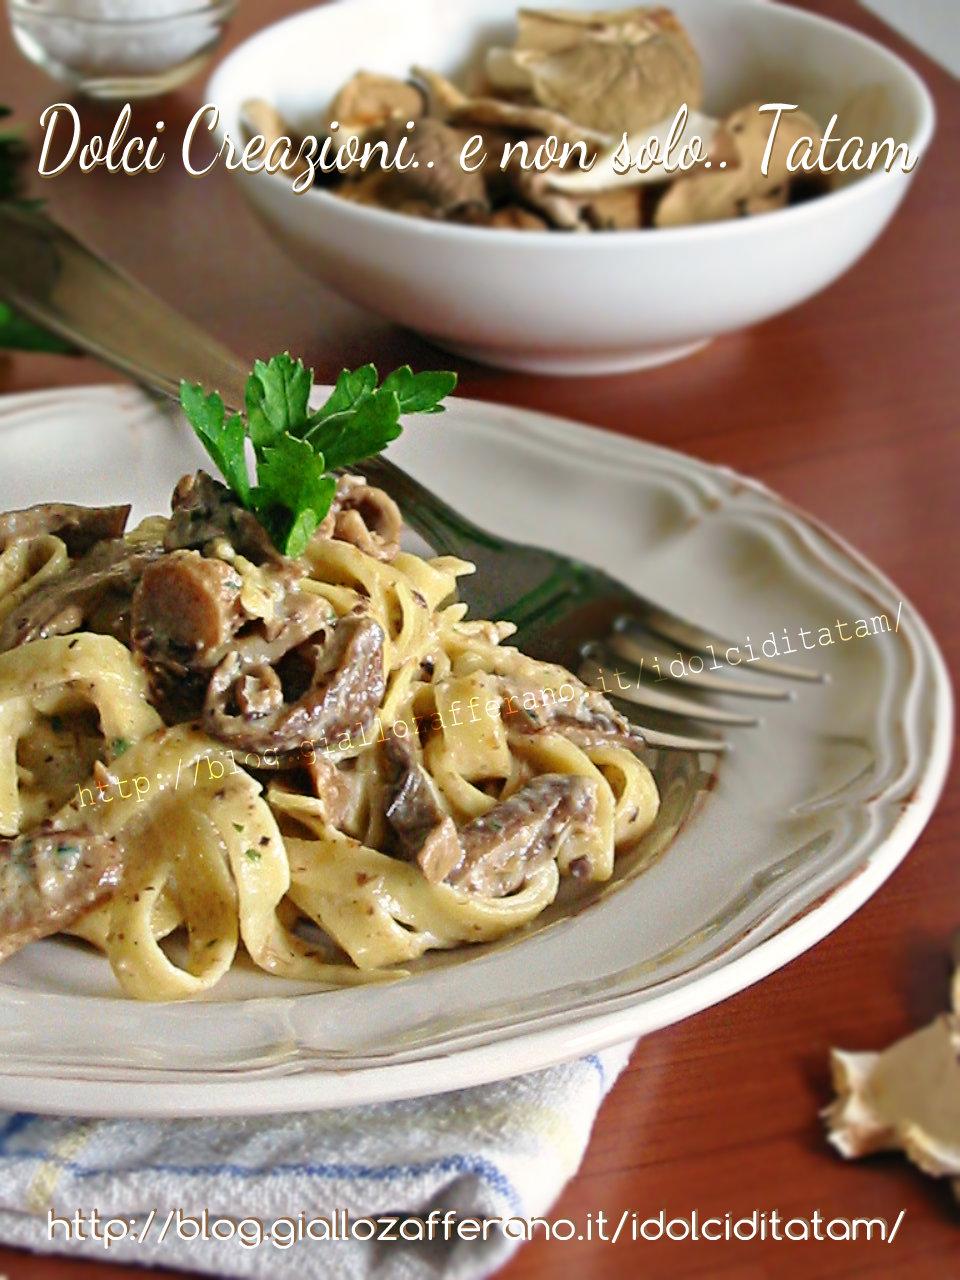 Disegno come cucinare funghi secchi ispirazioni design - Come cucinare champignon ...